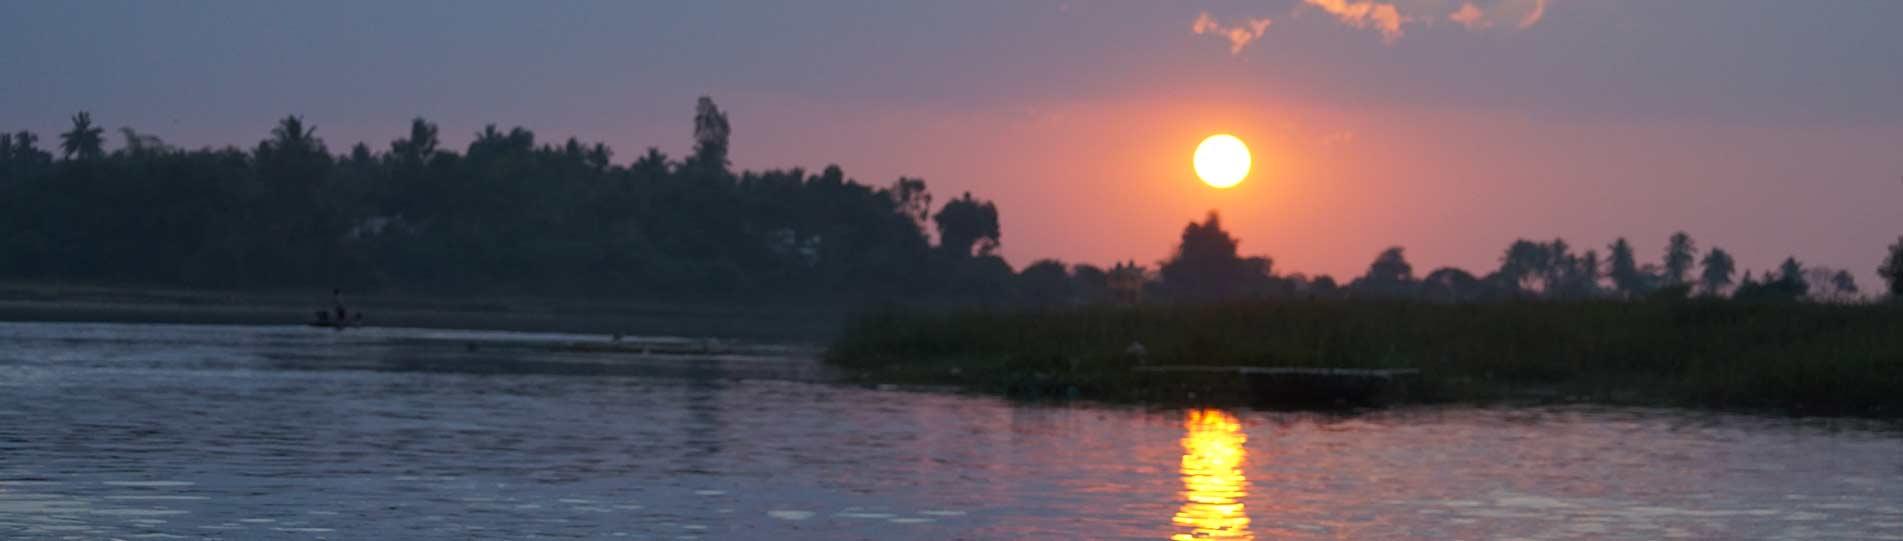 Amazing Sunset at Chukkimane